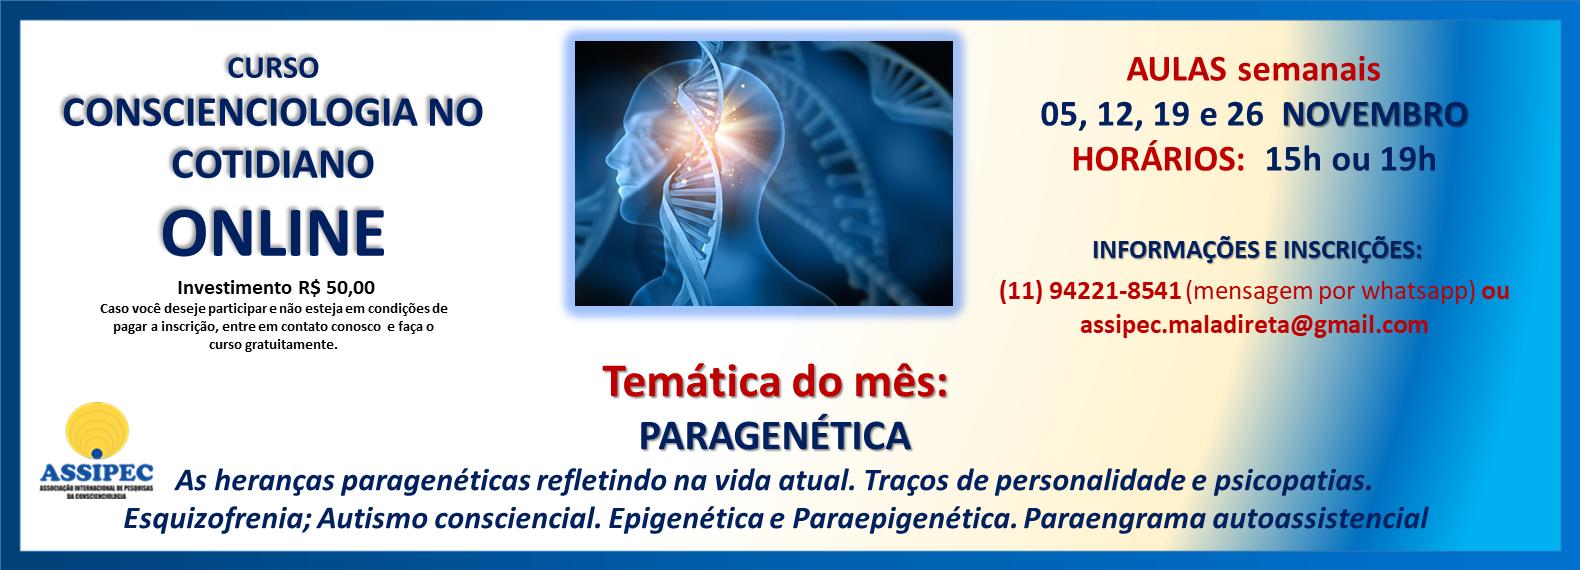 site CCIOLOGIA COTIDIANO NOVEMBRO ONLINE